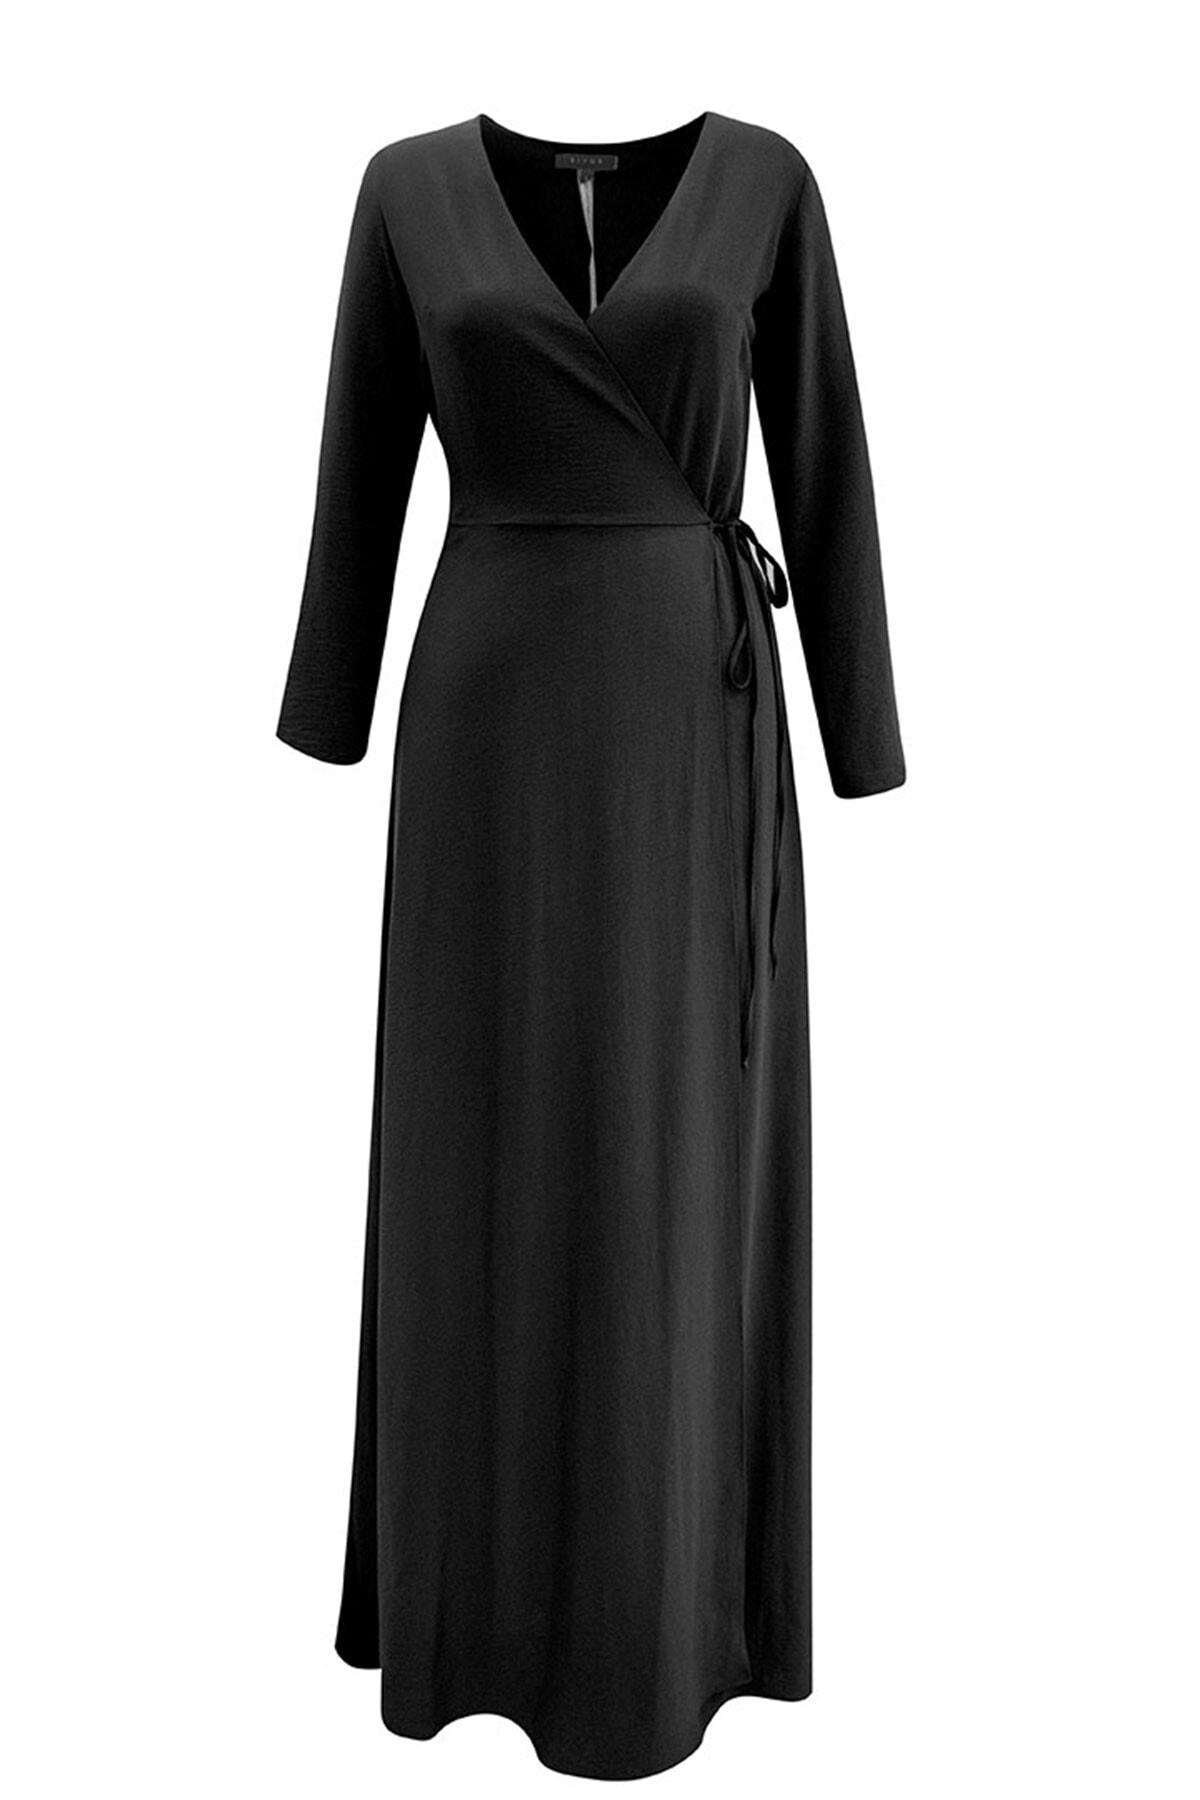 RİVUS Kadın Siyah Elbise 1300